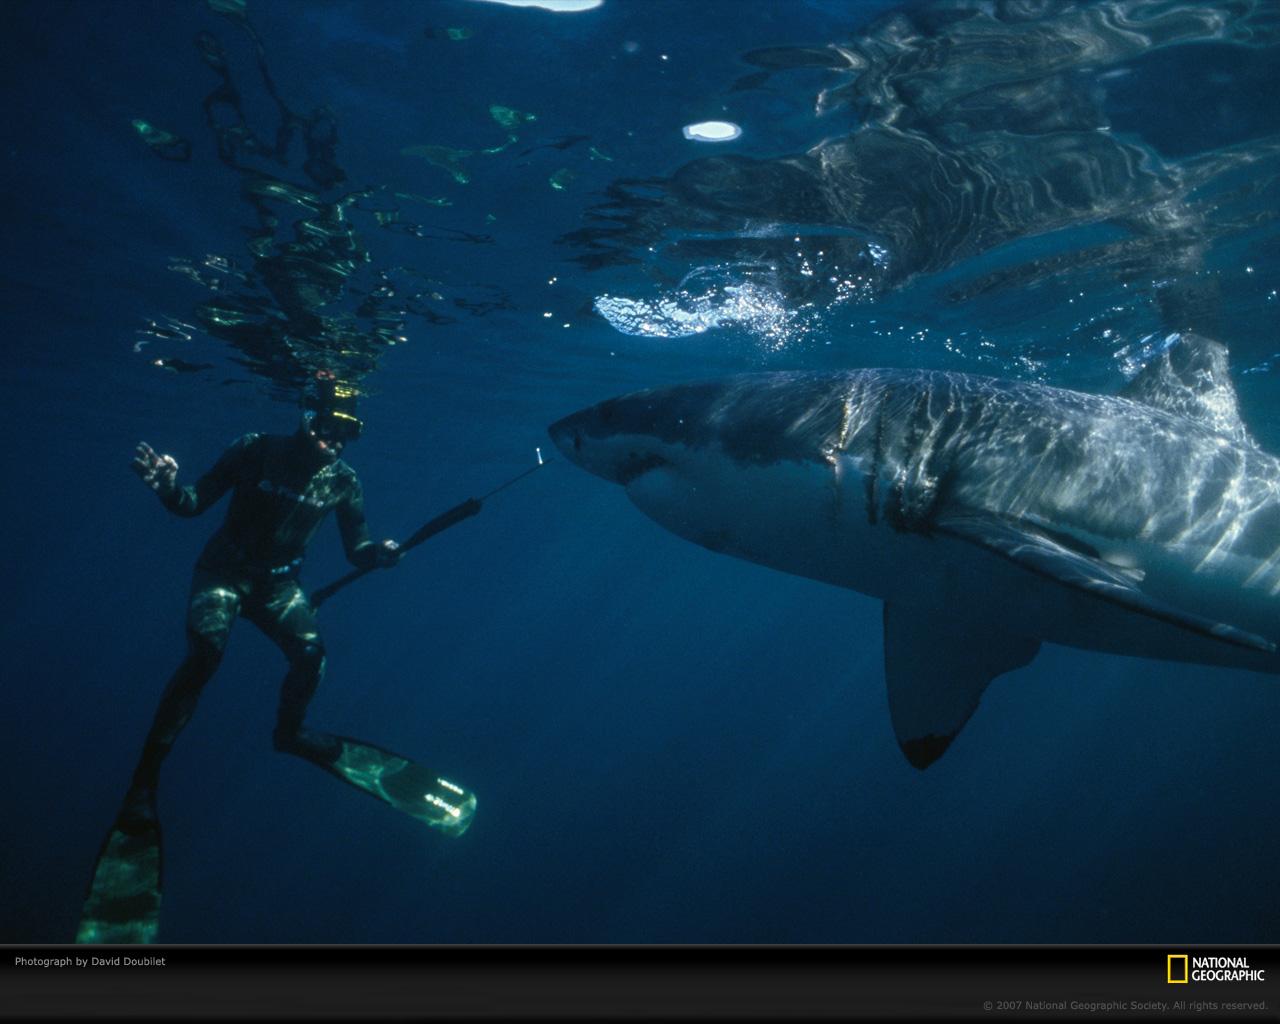 http://4.bp.blogspot.com/-Mqaz3XZFUrY/T14YLrMw4vI/AAAAAAAAAO0/QobTAtVKFiA/s1600/stupendous-shark.jpg